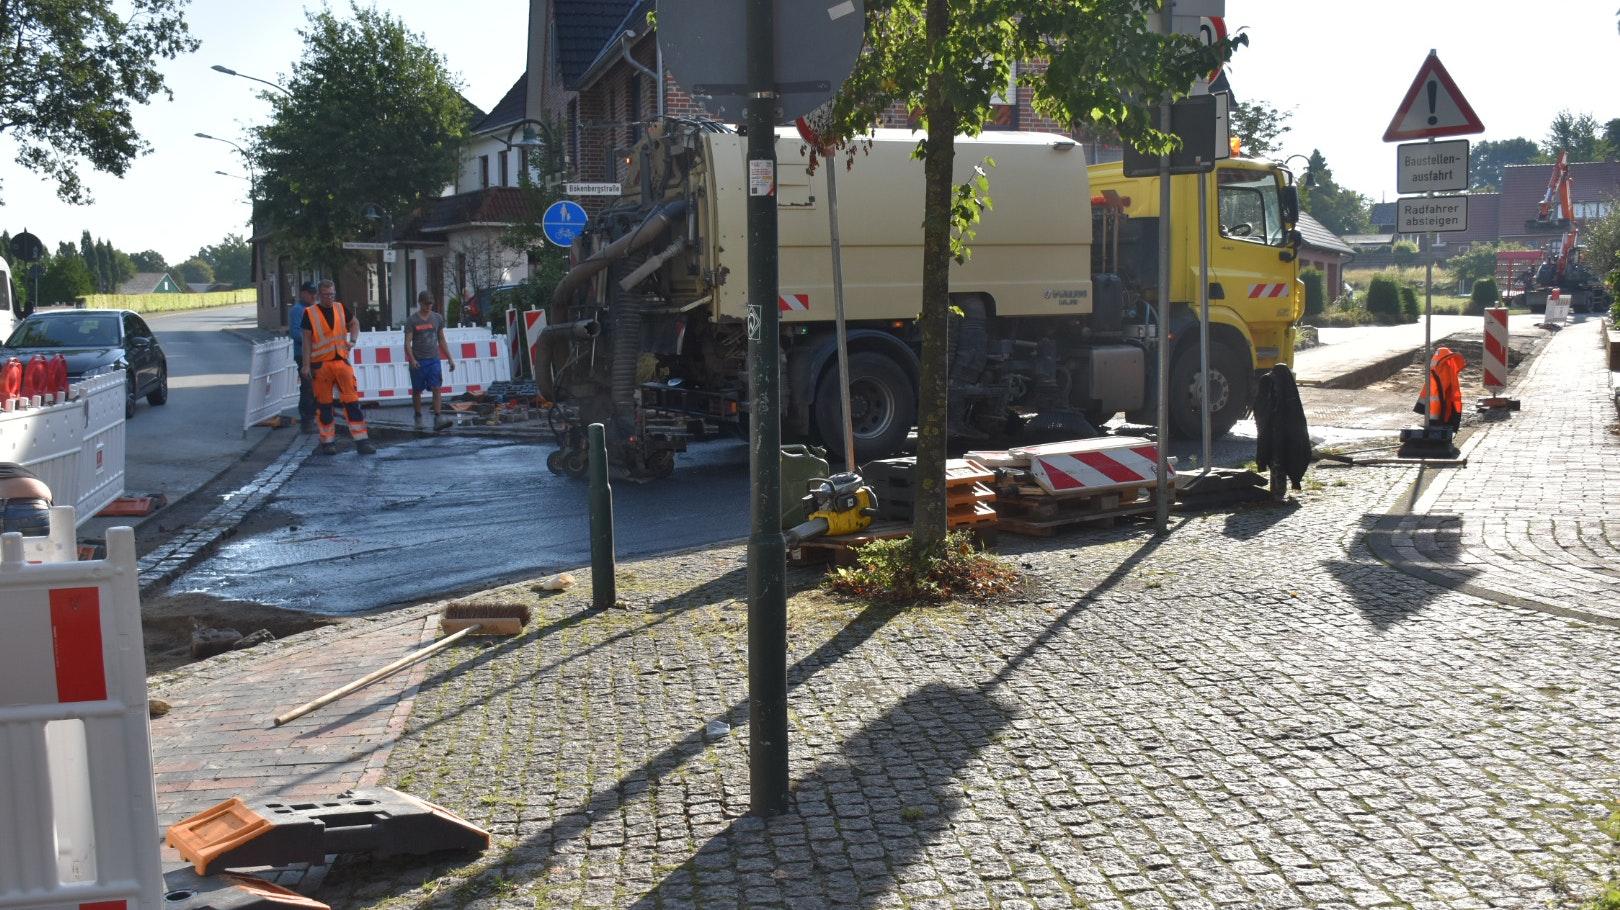 Bauarbeiten an der Bökenbergstraße: Bis Donnerstagmorgen soll die Baumaßnahme fertiggestellt werden. Foto: Timphaus